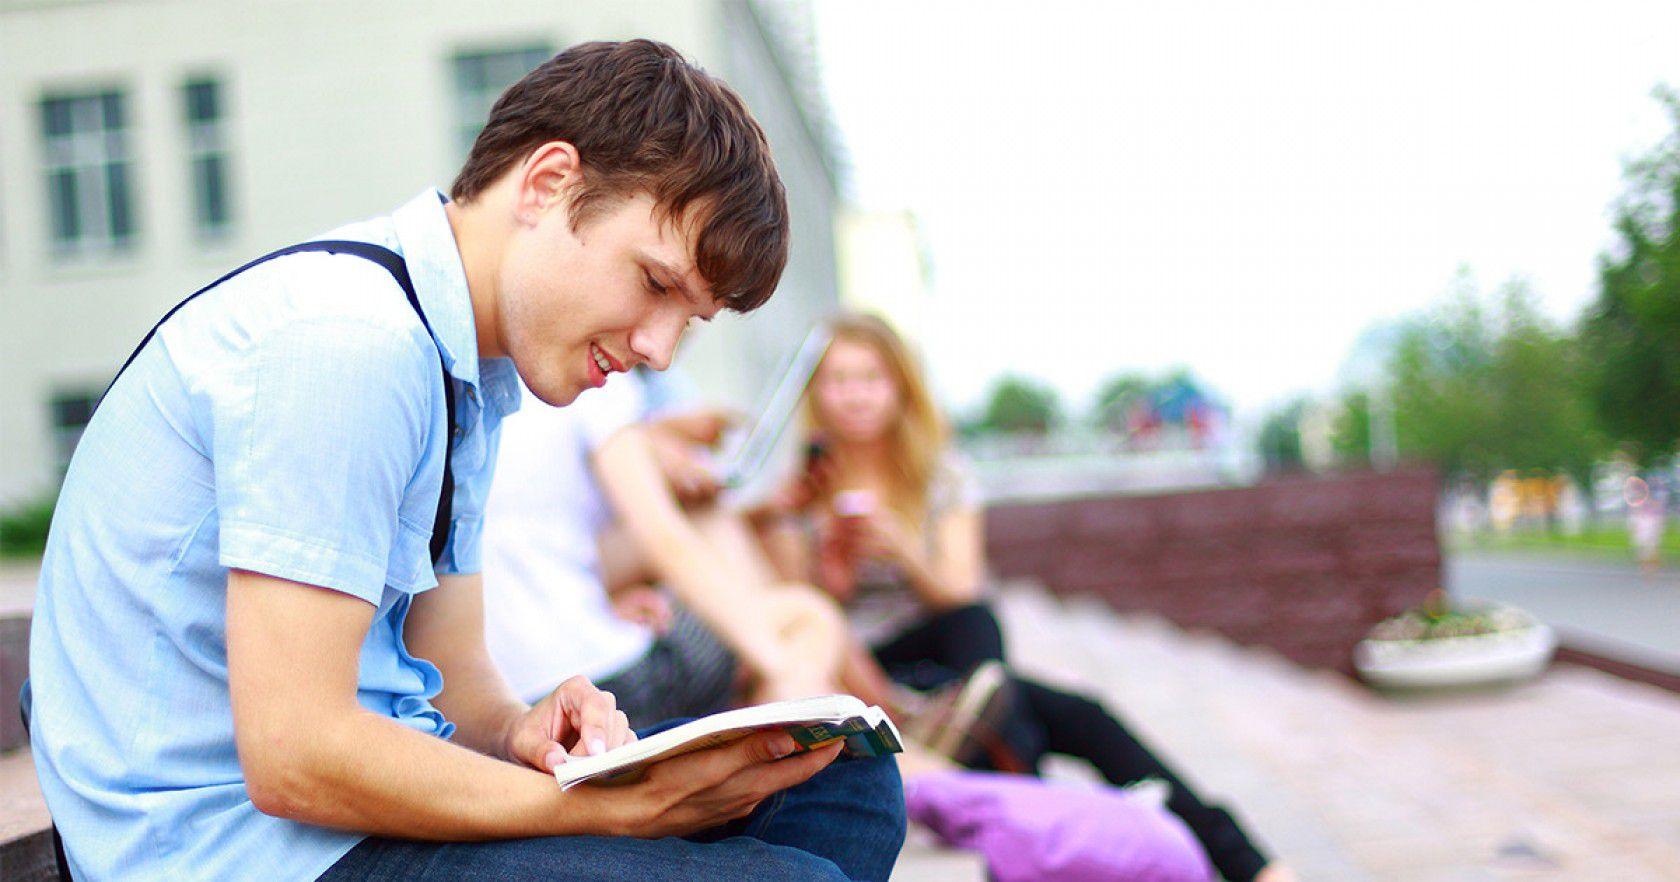 Fulbright İsviçre Değişim Programları ve Fulbright Sistemi Hakkında Merak Edilenler